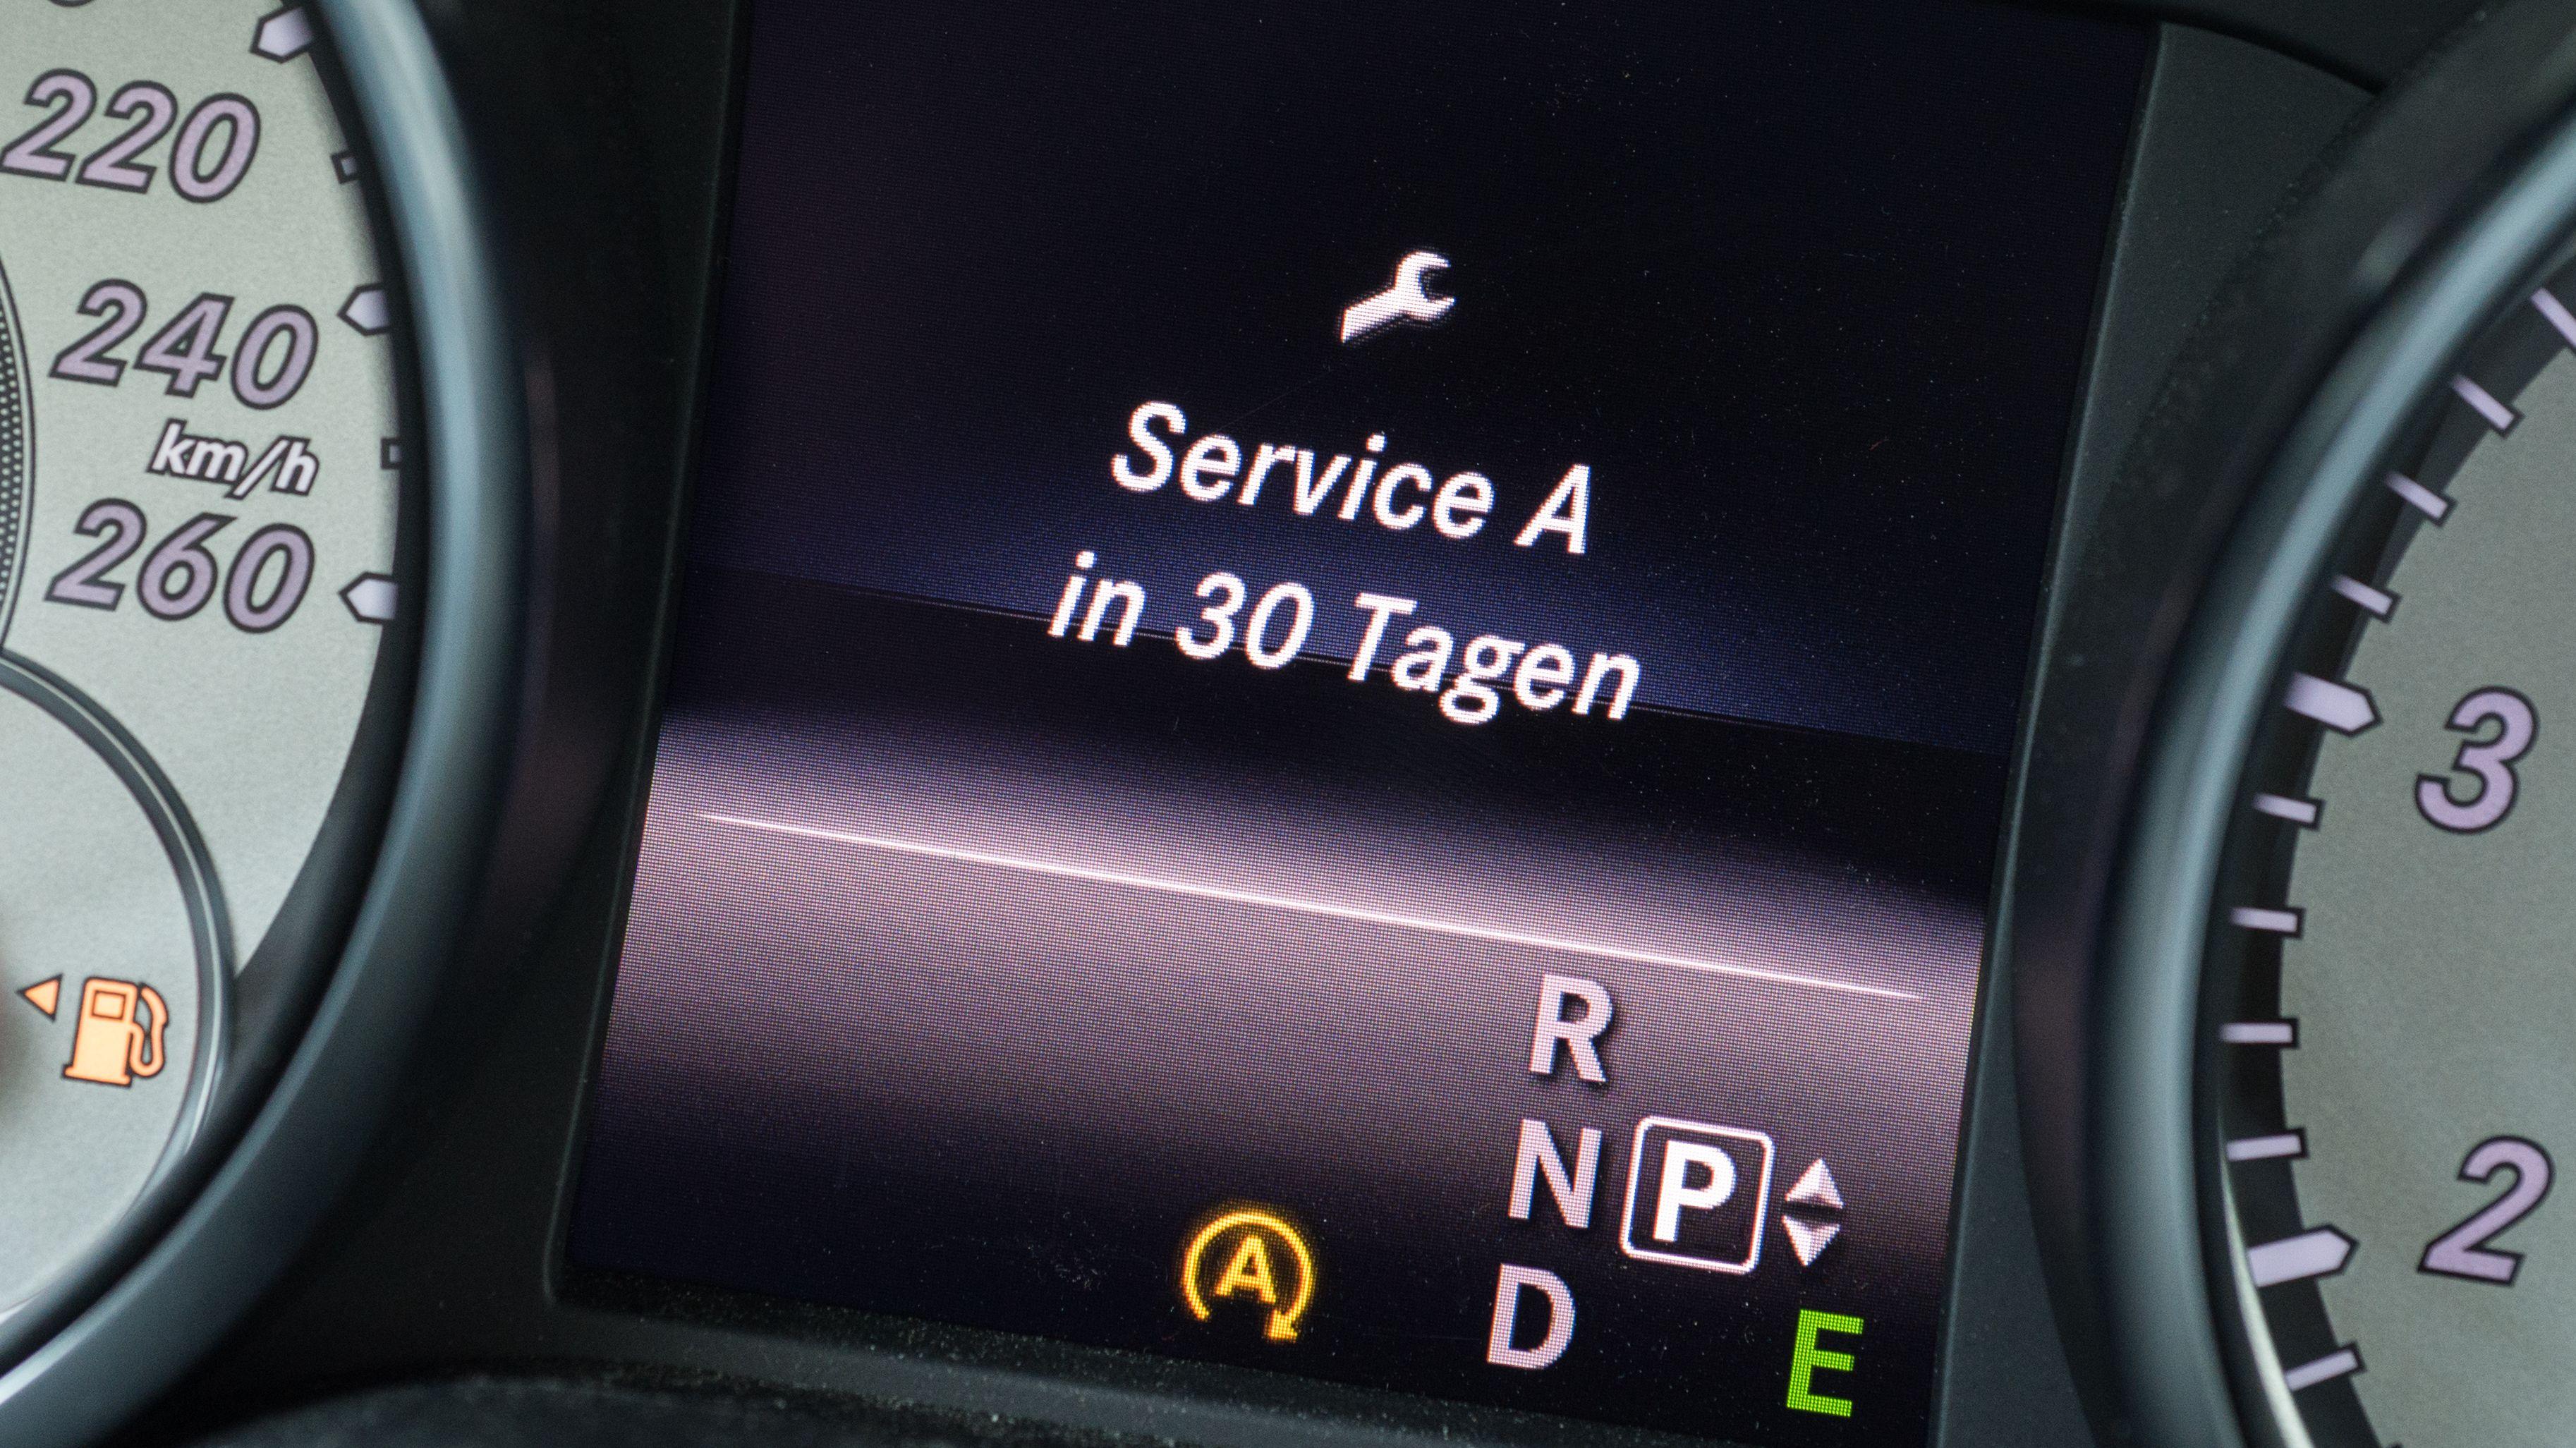 Servicehinweis im Display eines Autos